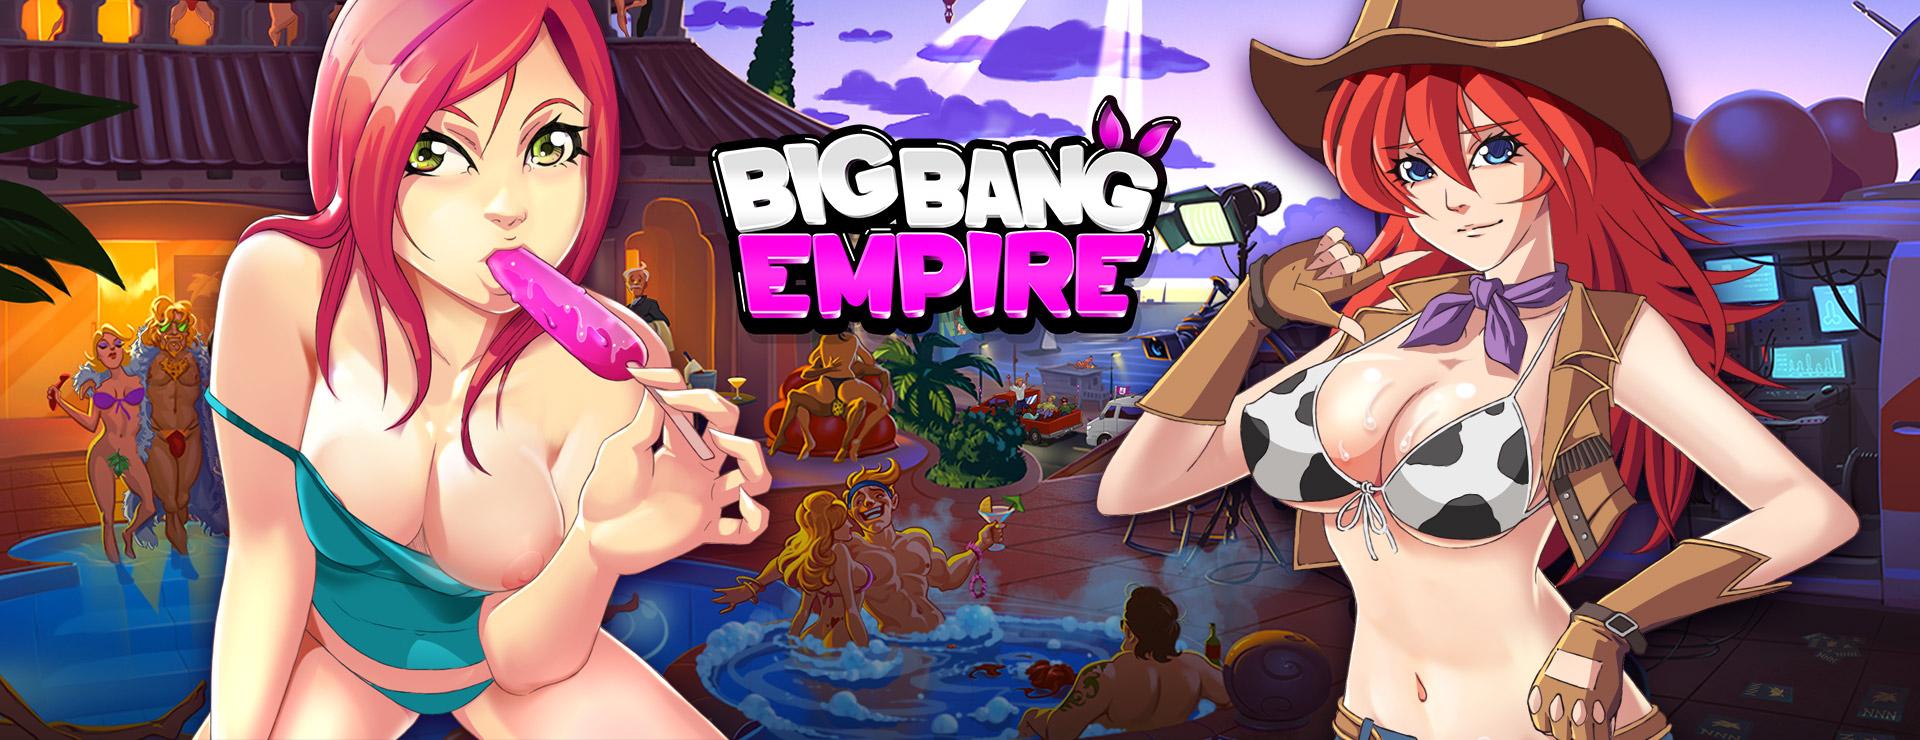 Big Bang Empire - RPG Game